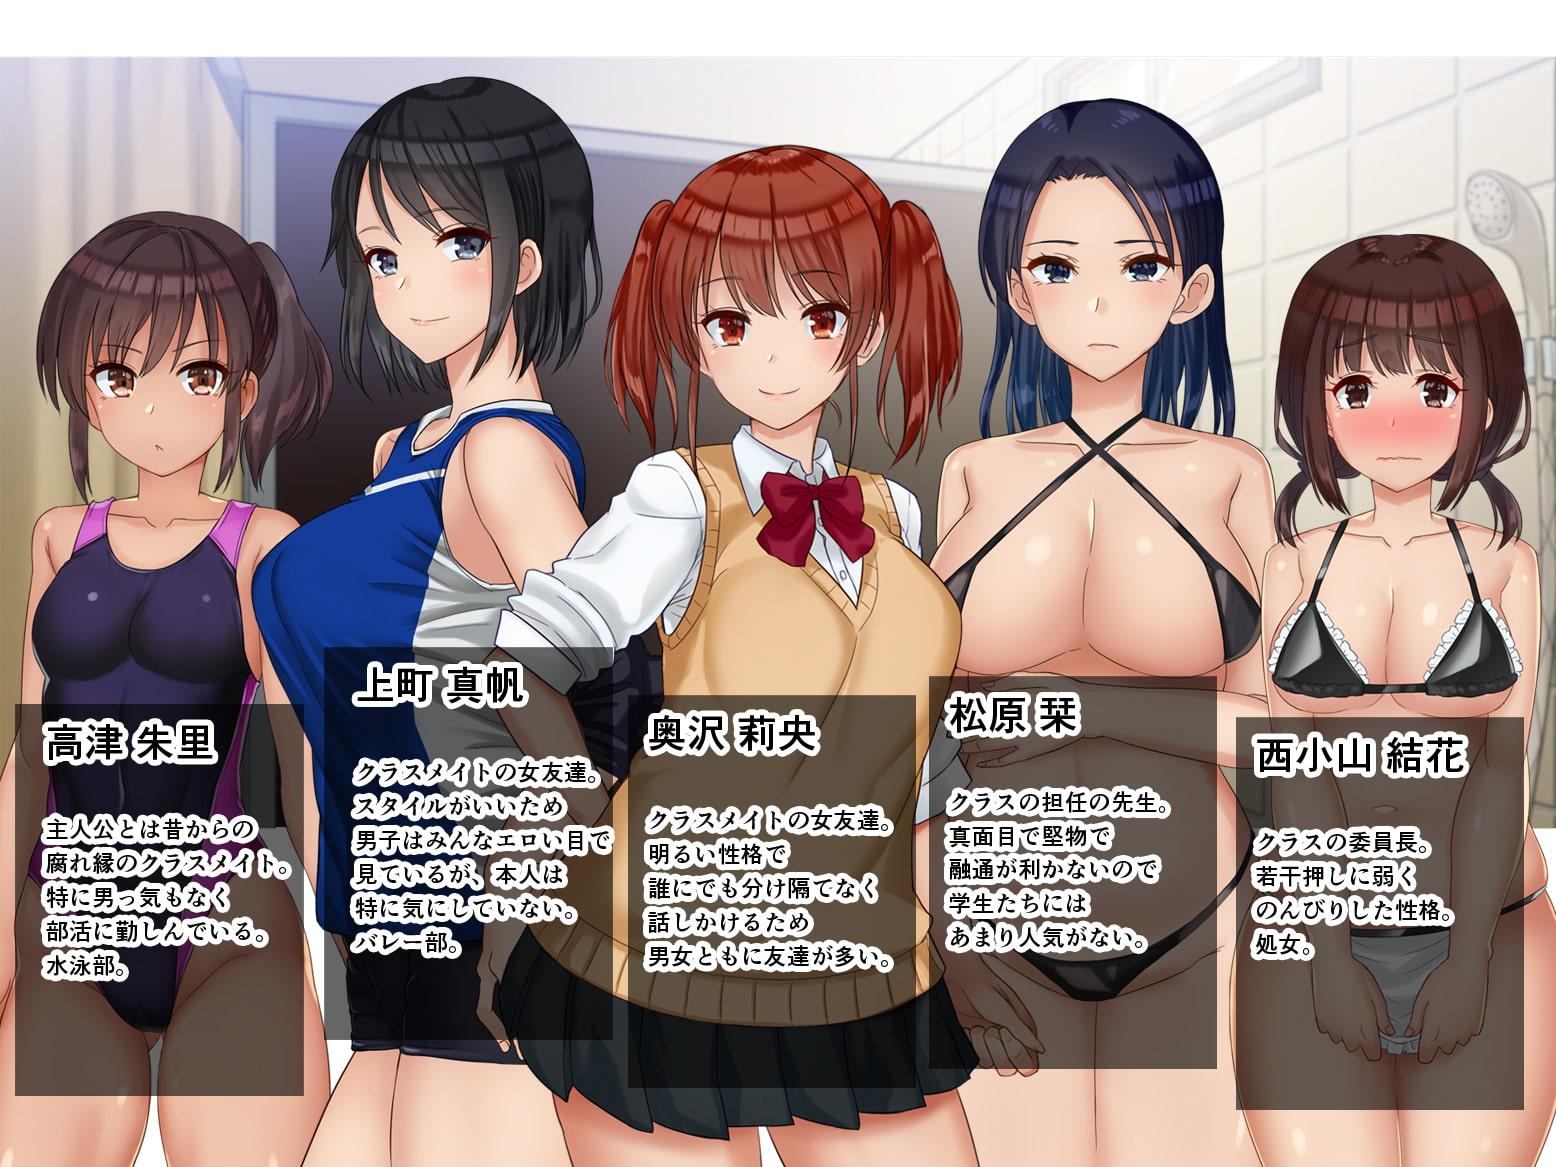 チンポ☆洗い部のサンプル5